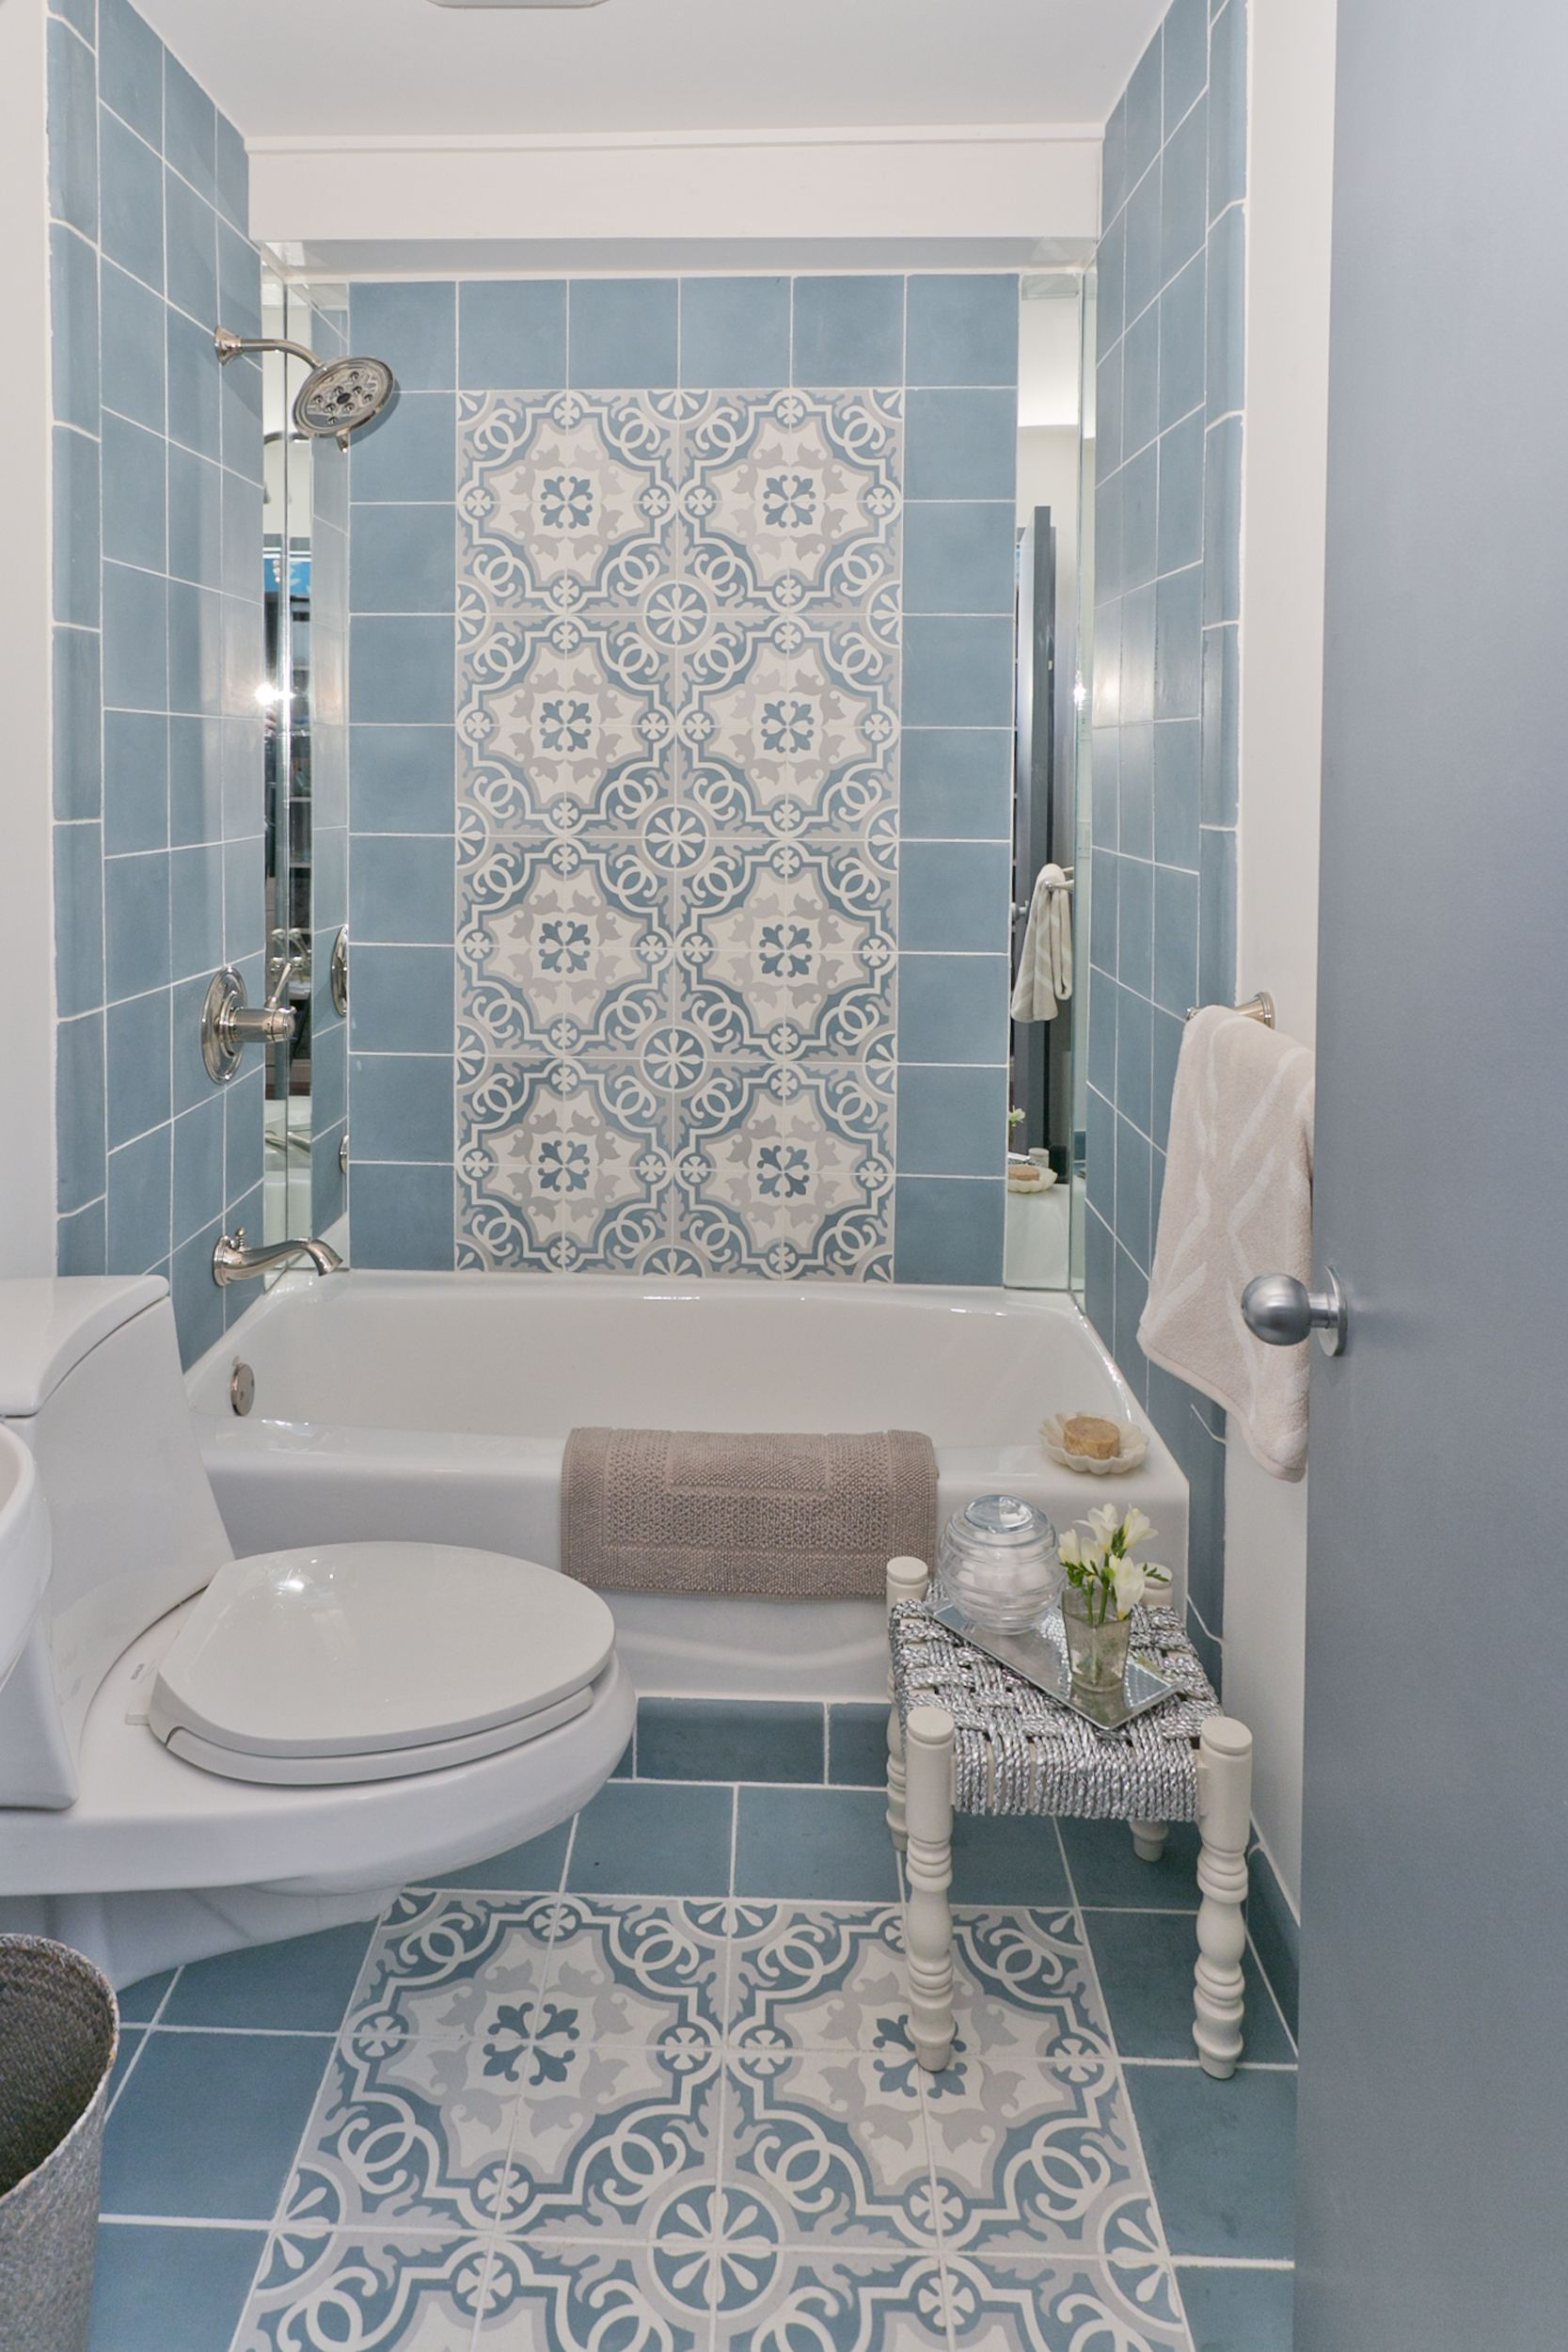 Design By Mehditash Design Patterned Bathroom Tiles Best Bathroom Tiles Vintage Bathroom Tile